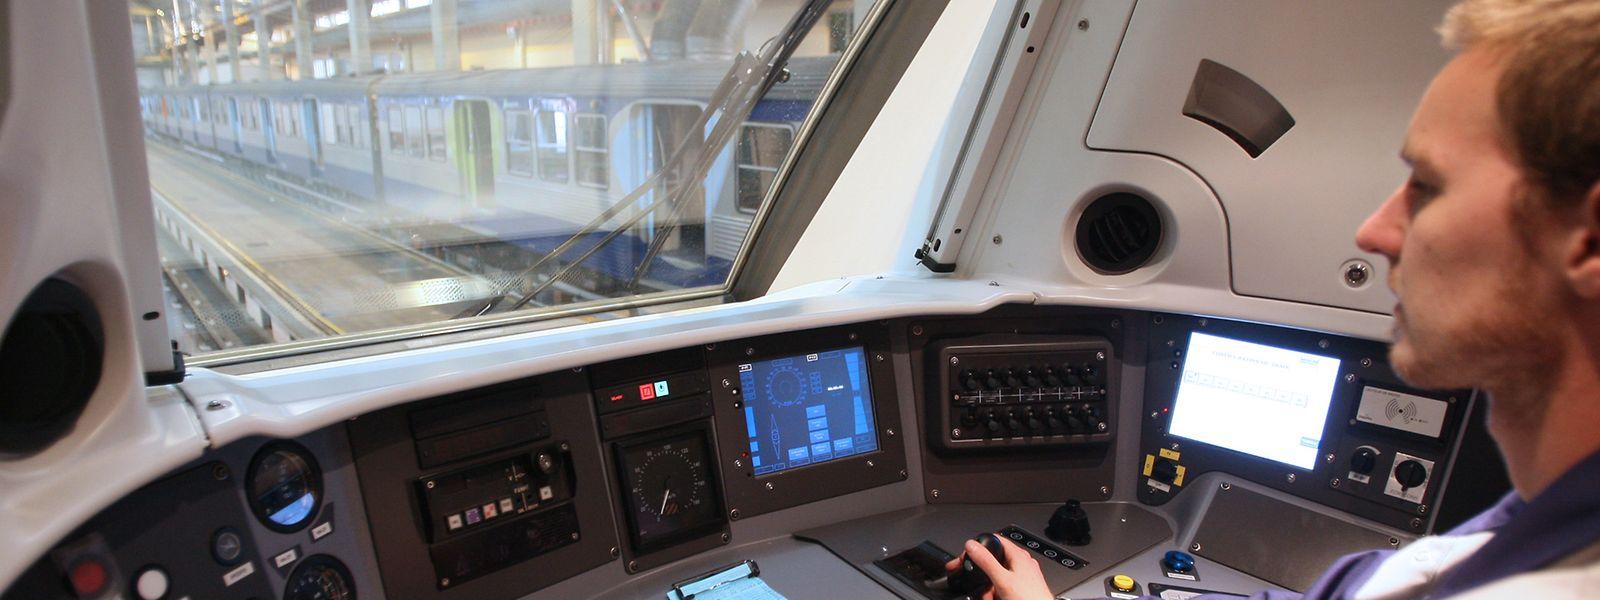 Au 31 décembre, la SNCF promet 12 rames avec ERTMS et 25 d'ici le printemps 2020.